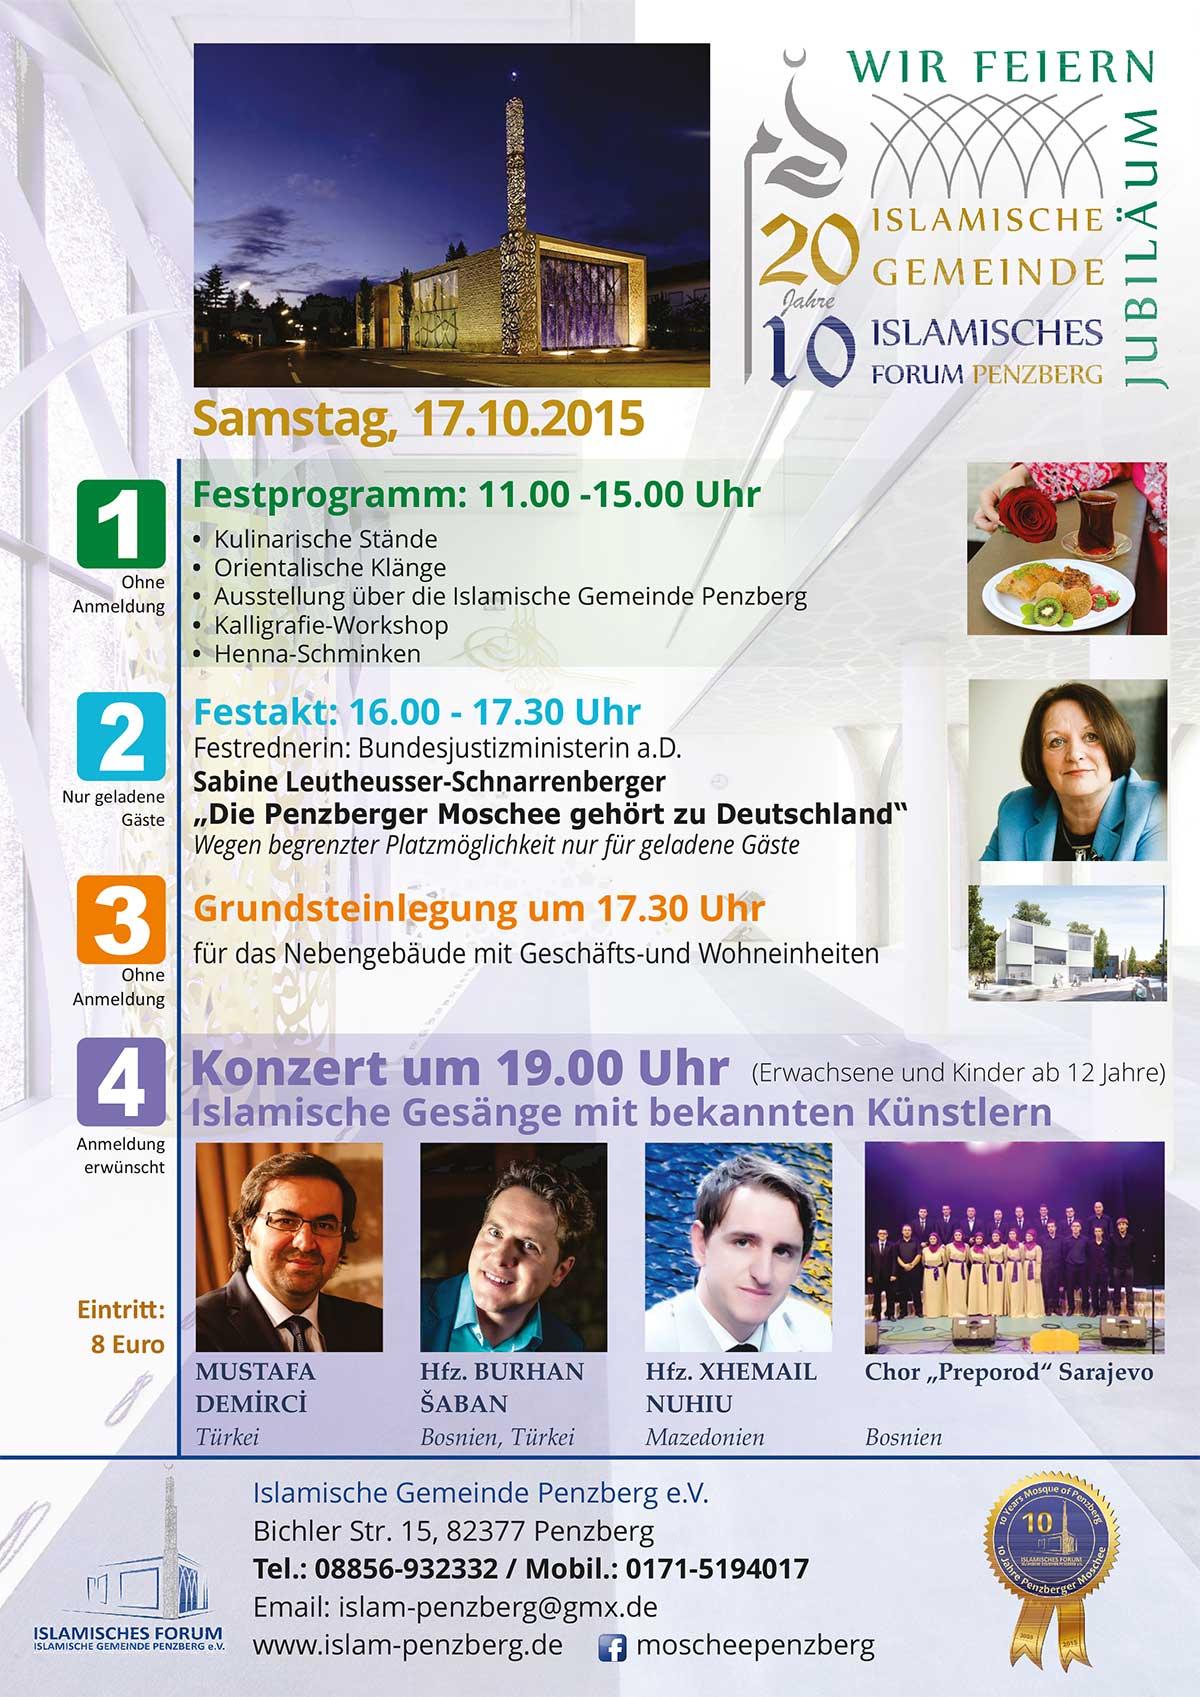 IGP Veranstaltung: Jubiläum 20 Jahre